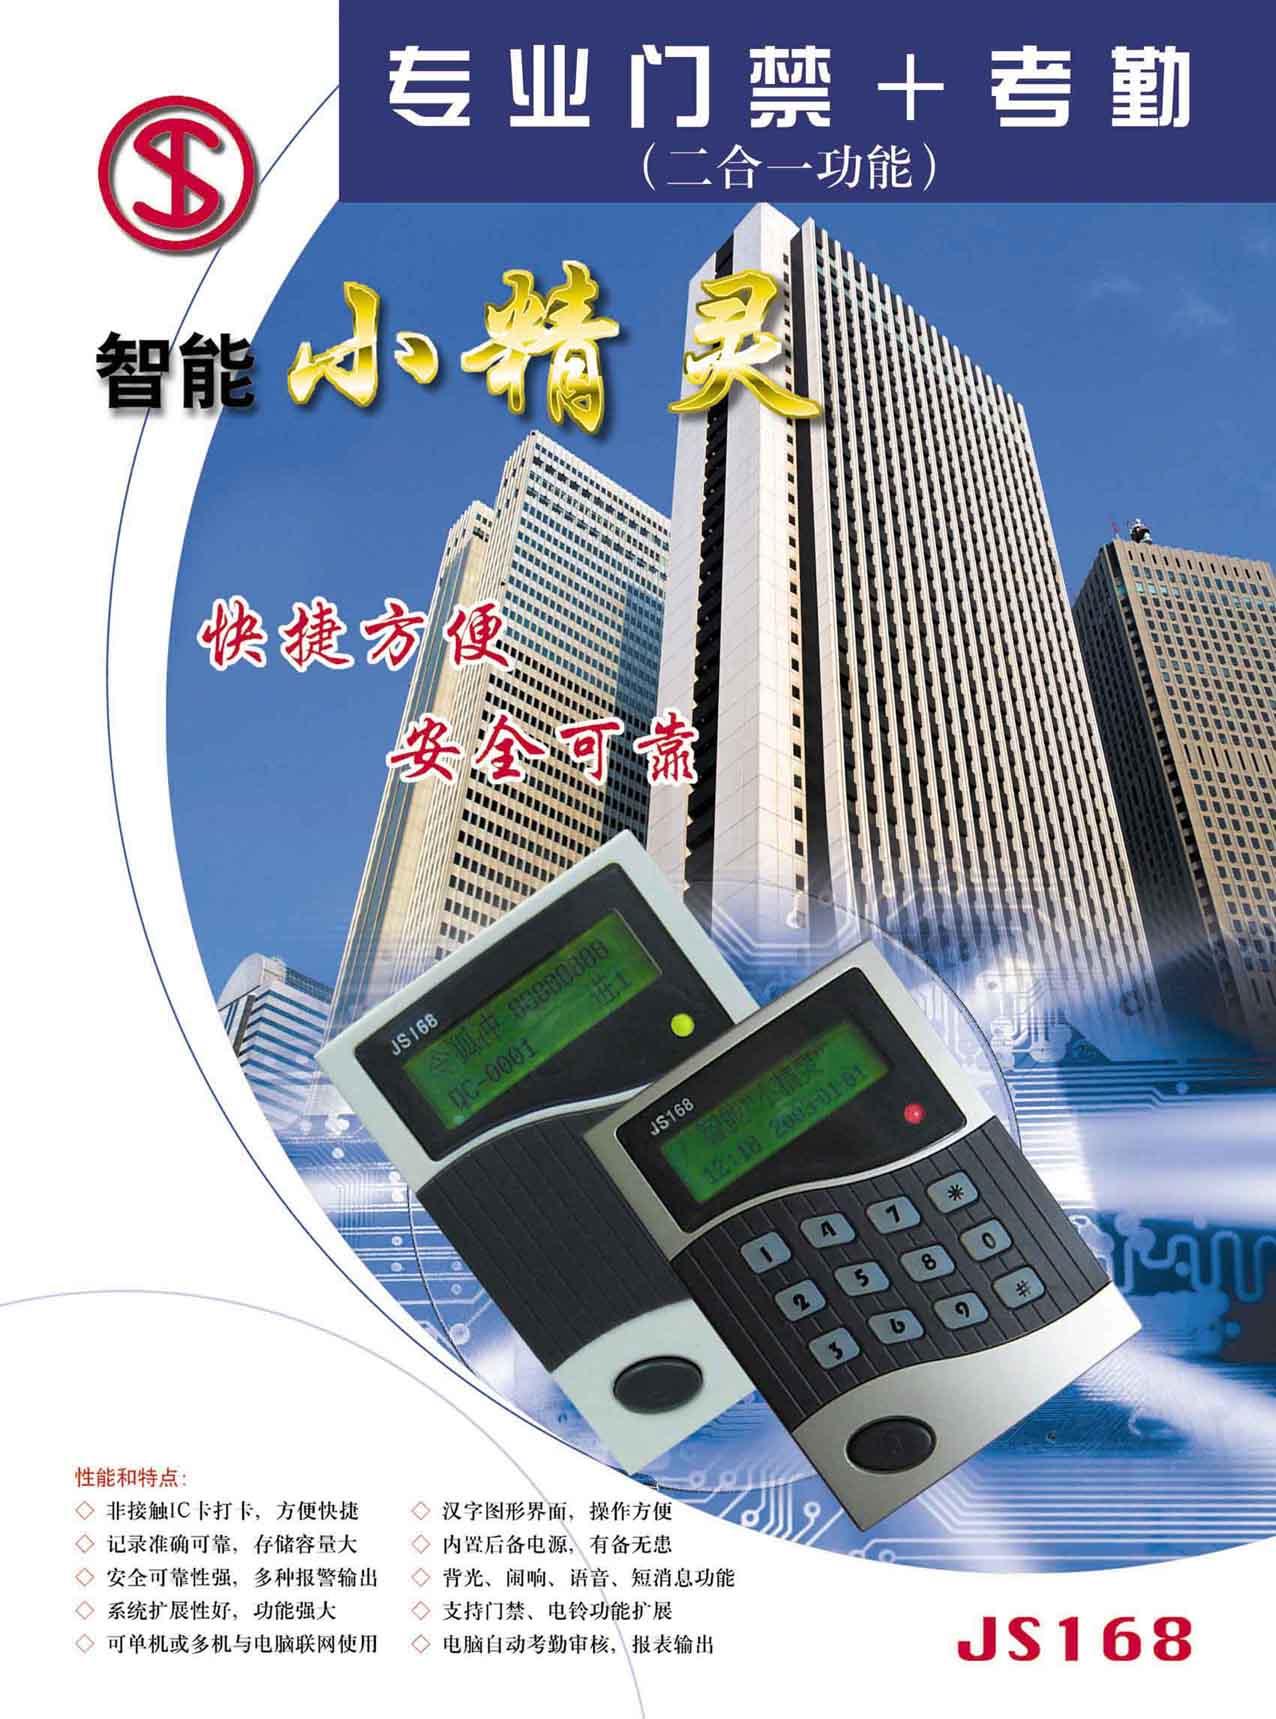 """门禁控制器; js168""""小精灵""""考勤门禁; smart card attendance /access"""